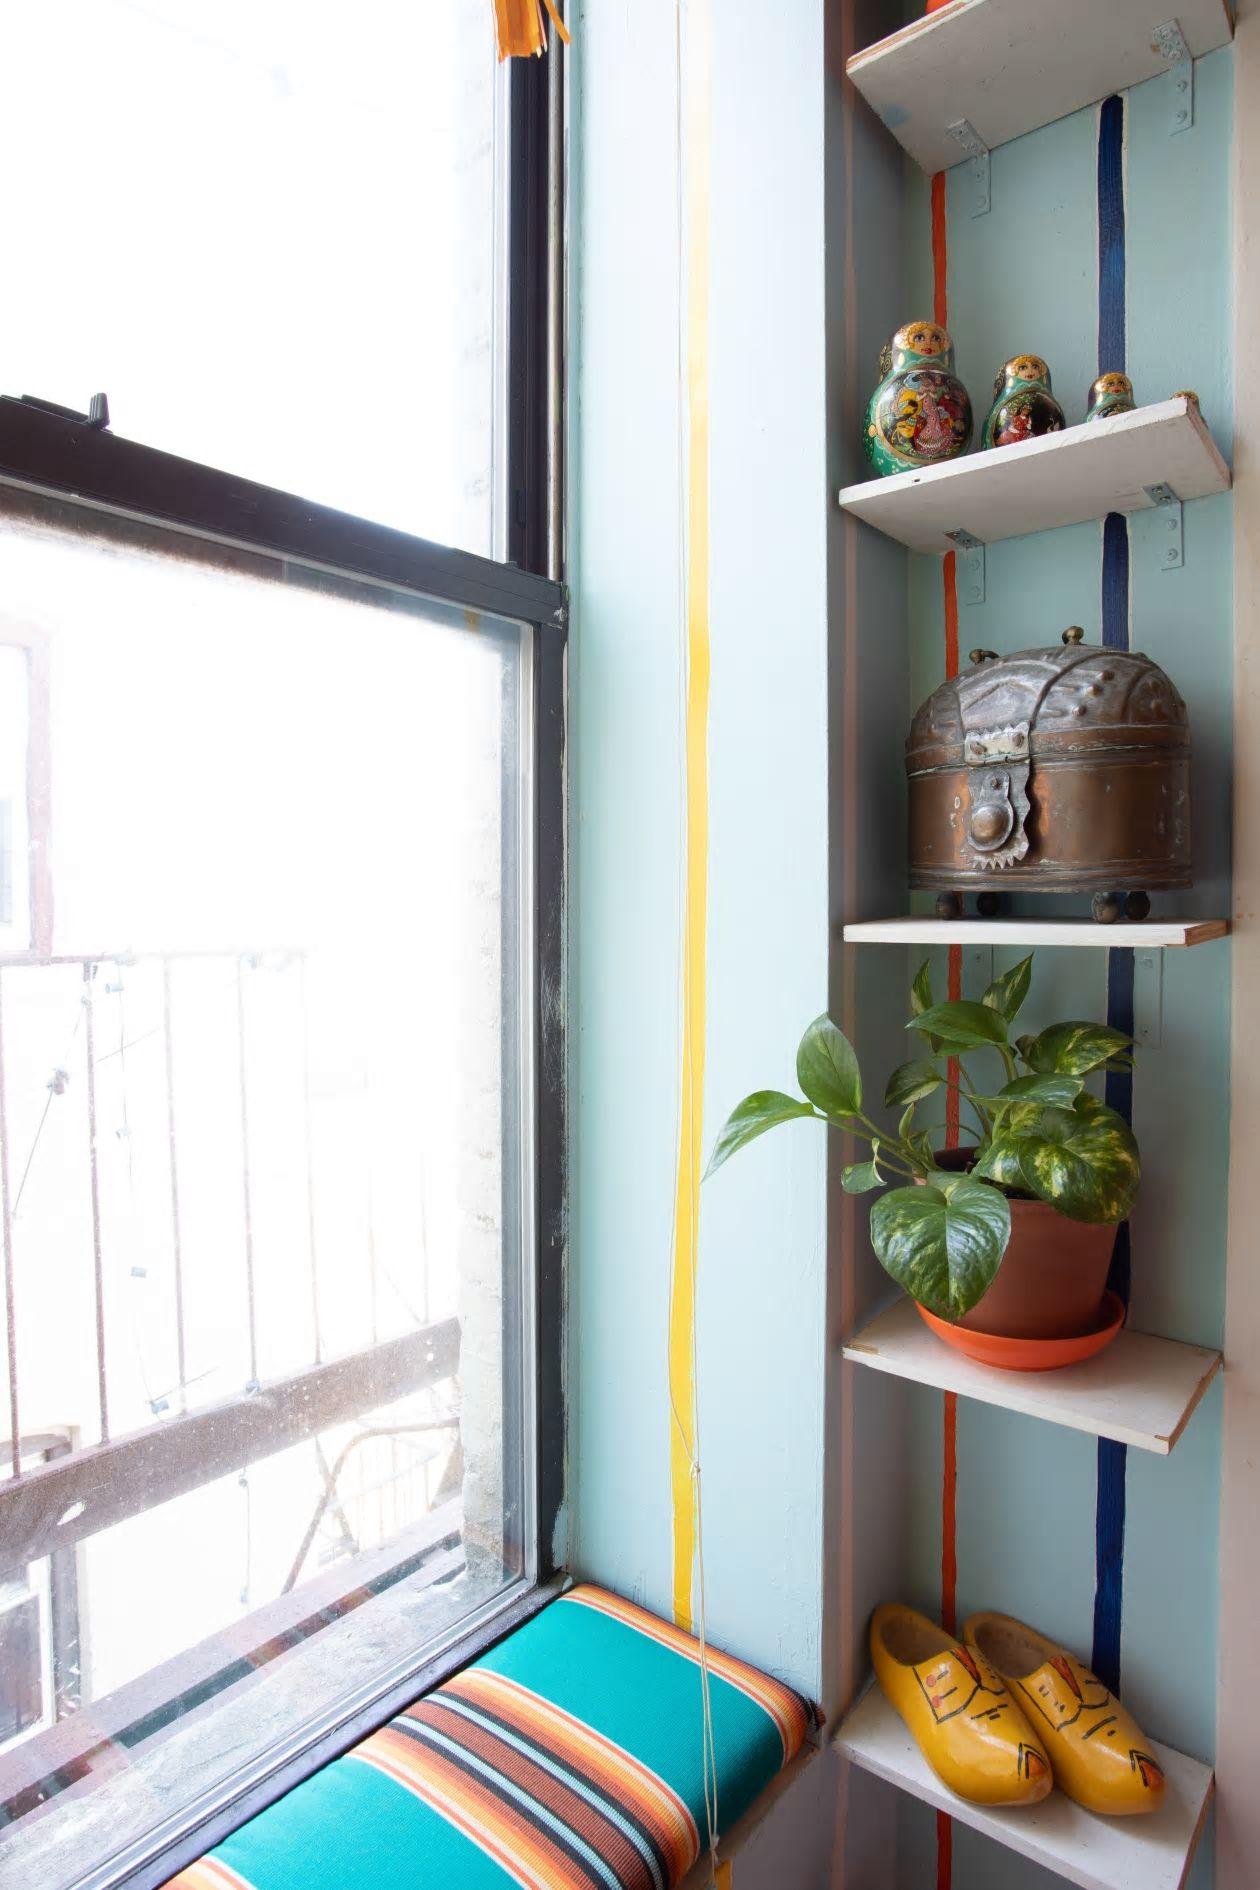 Căn hộ nhỏ 37m2 ở Brooklyn sử dụng những màu sắc đáng kinh ngạc trong trang trí nội thất - Ảnh 9.